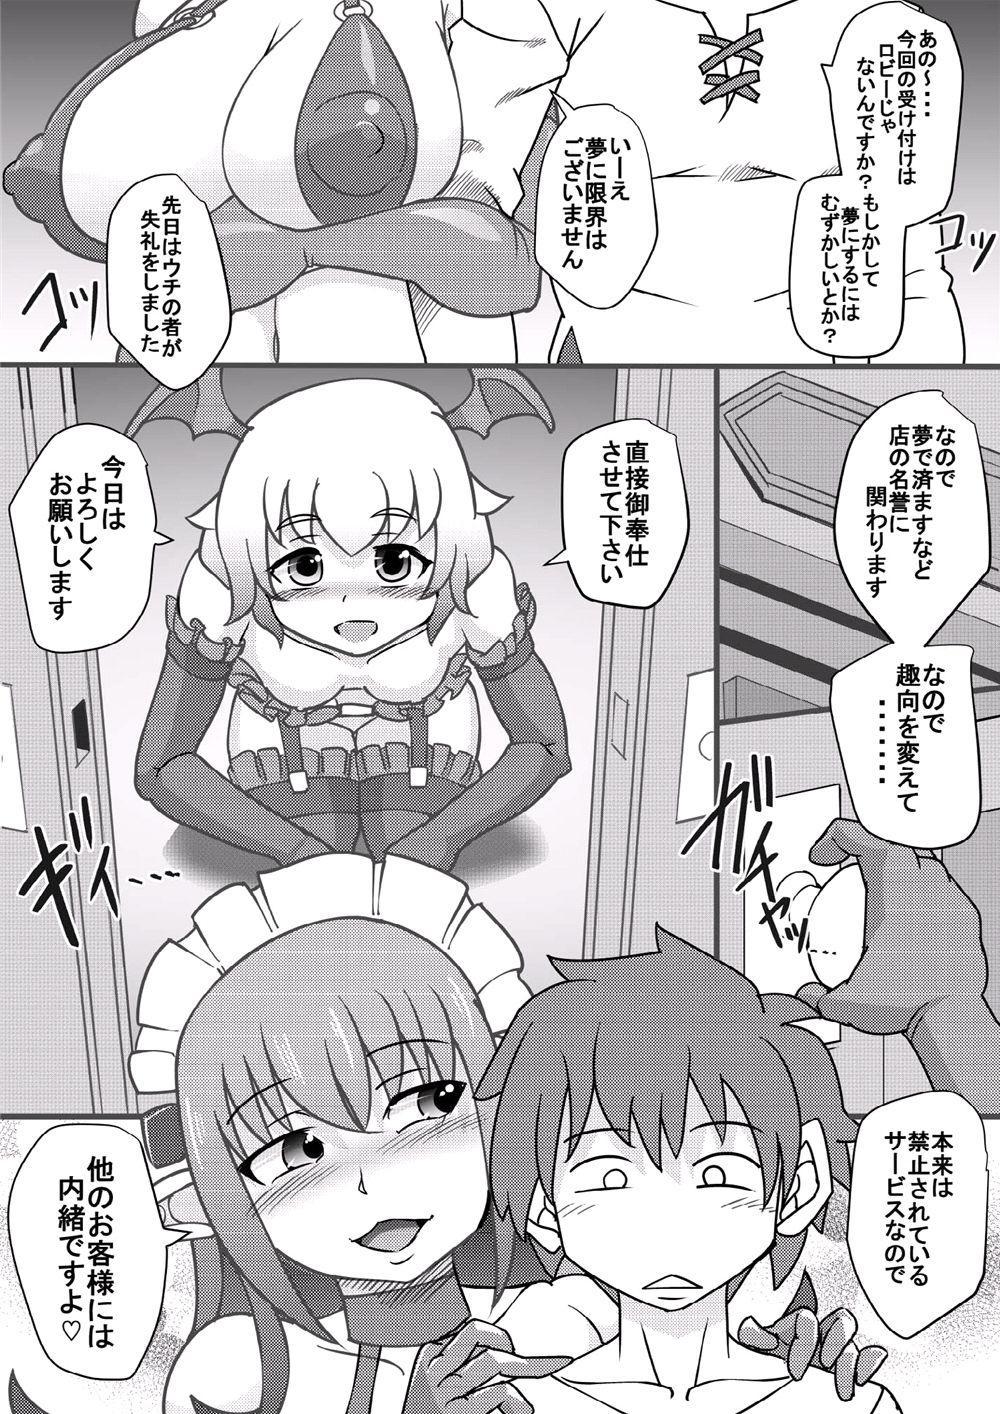 Kono Nikutasarashii Mesudomo ni Oshioki o! 2 3